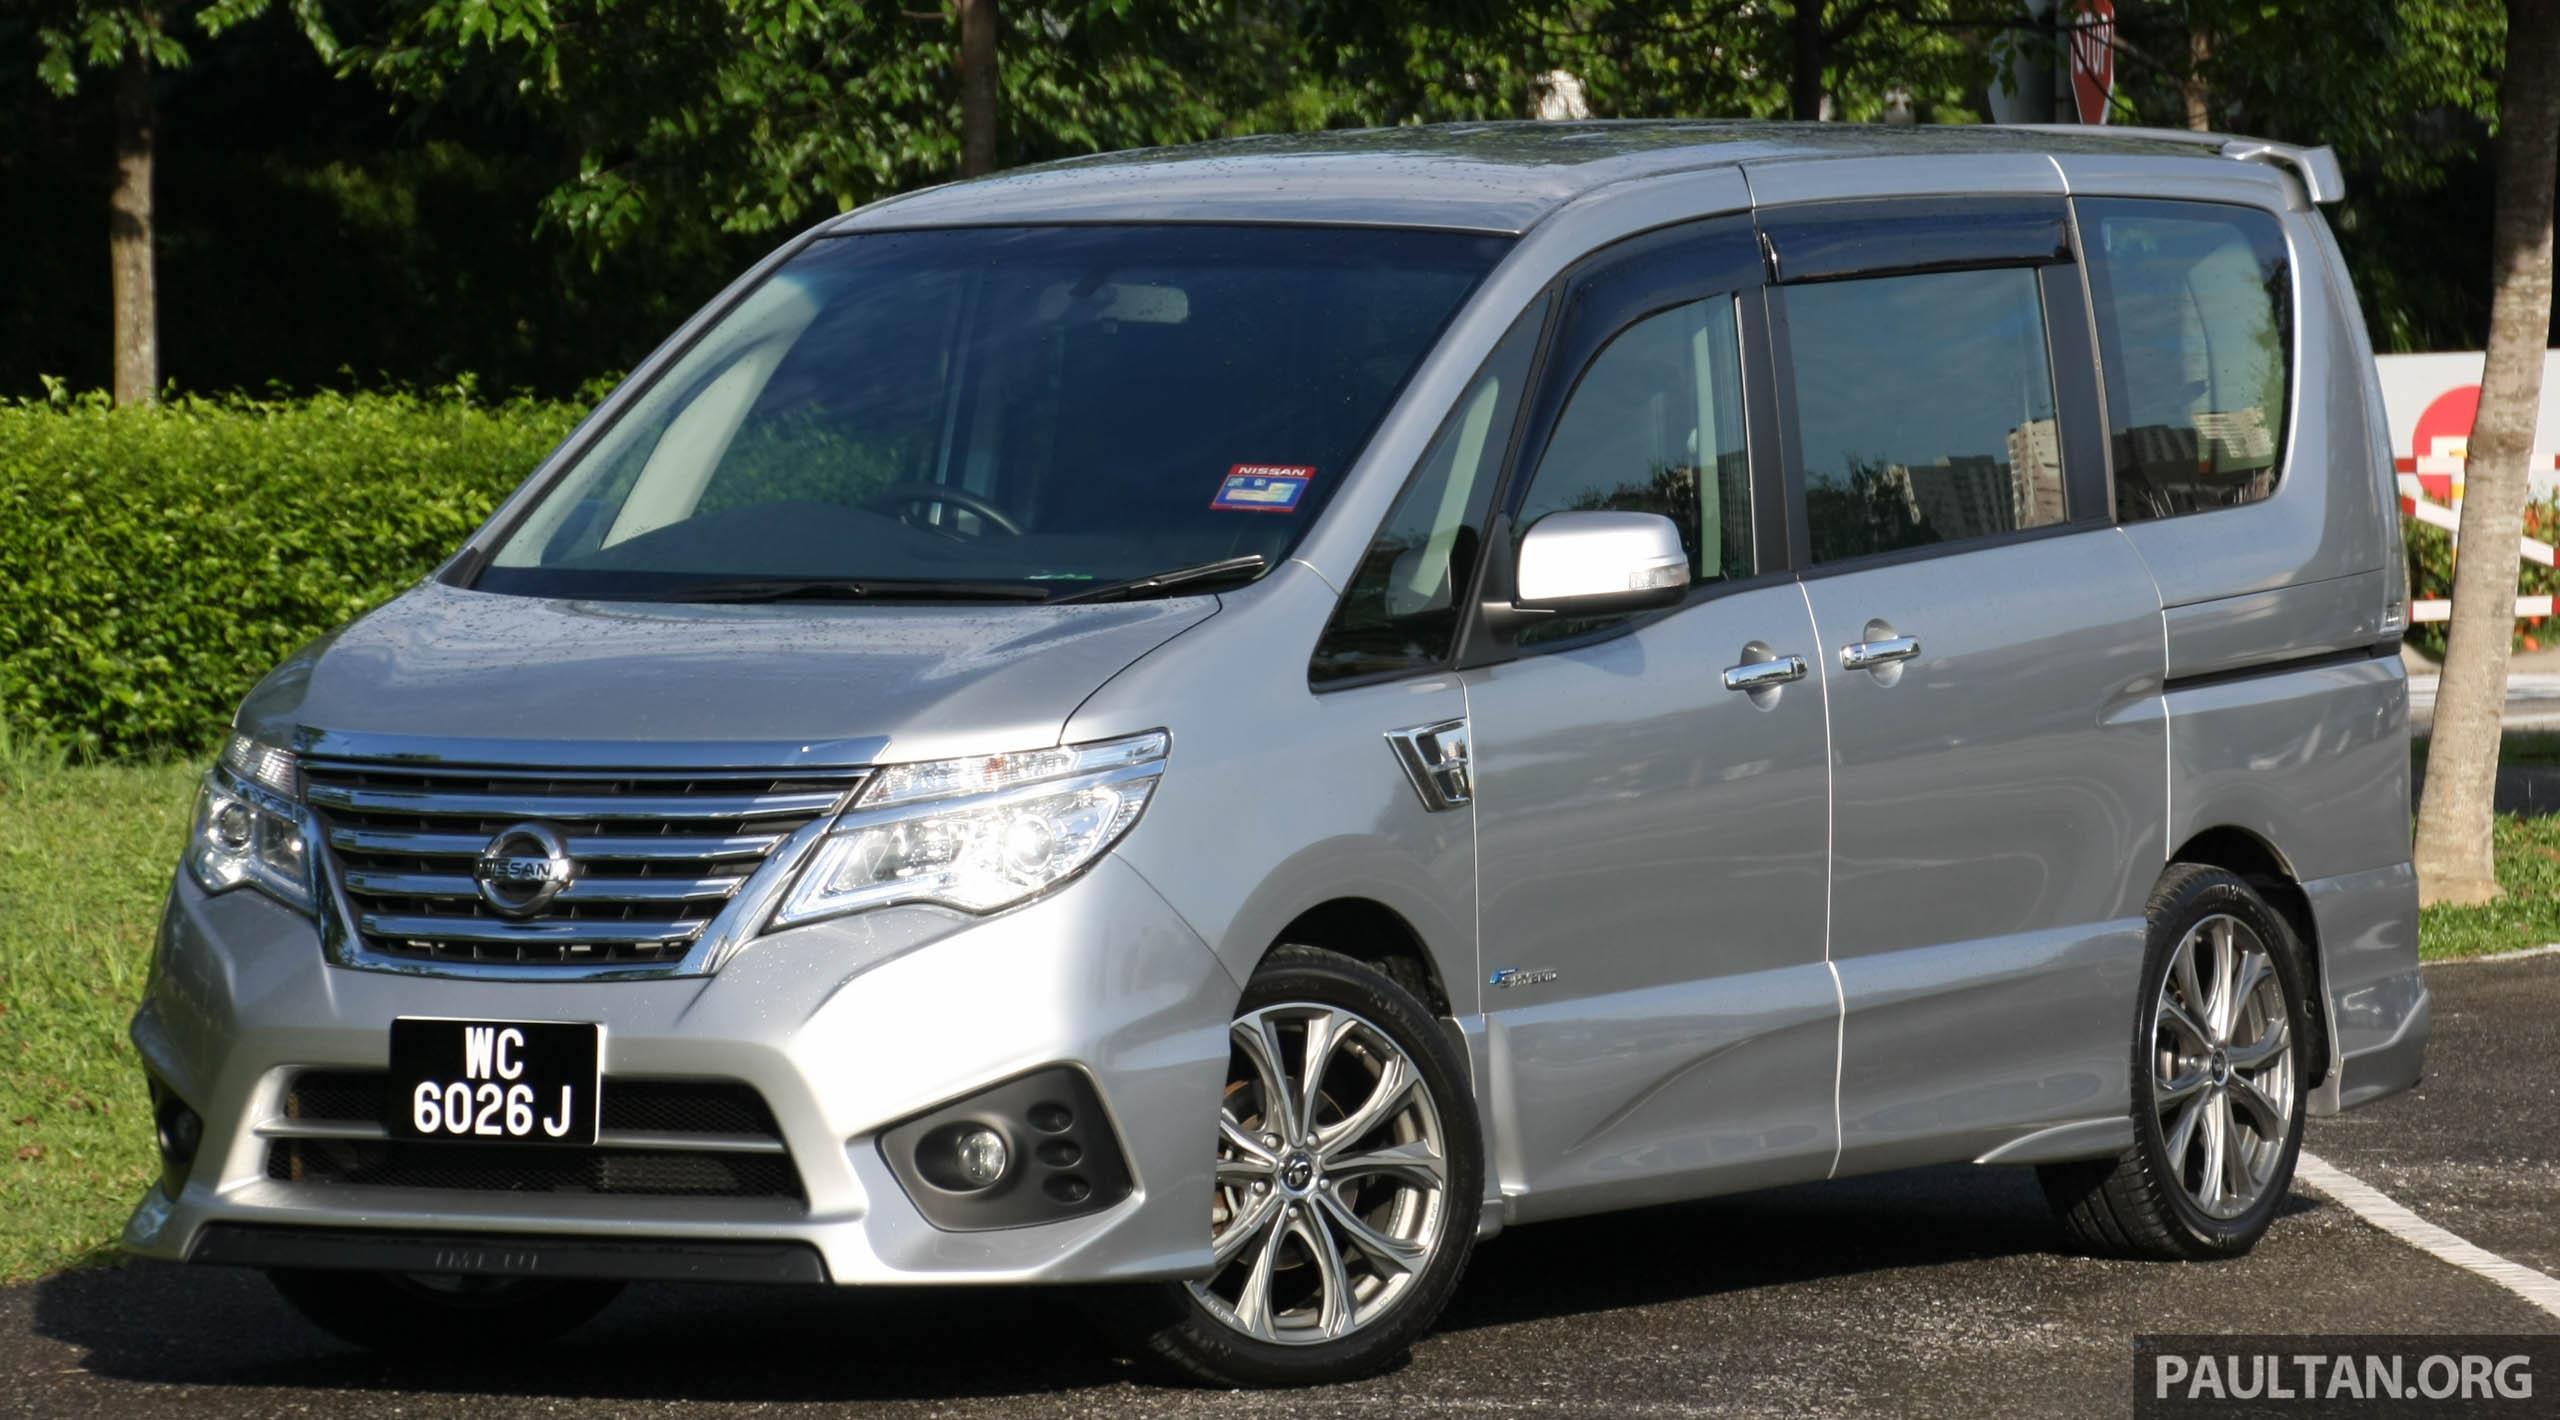 PANDU UJI: Nissan Serena S-Hybrid talaan Impul